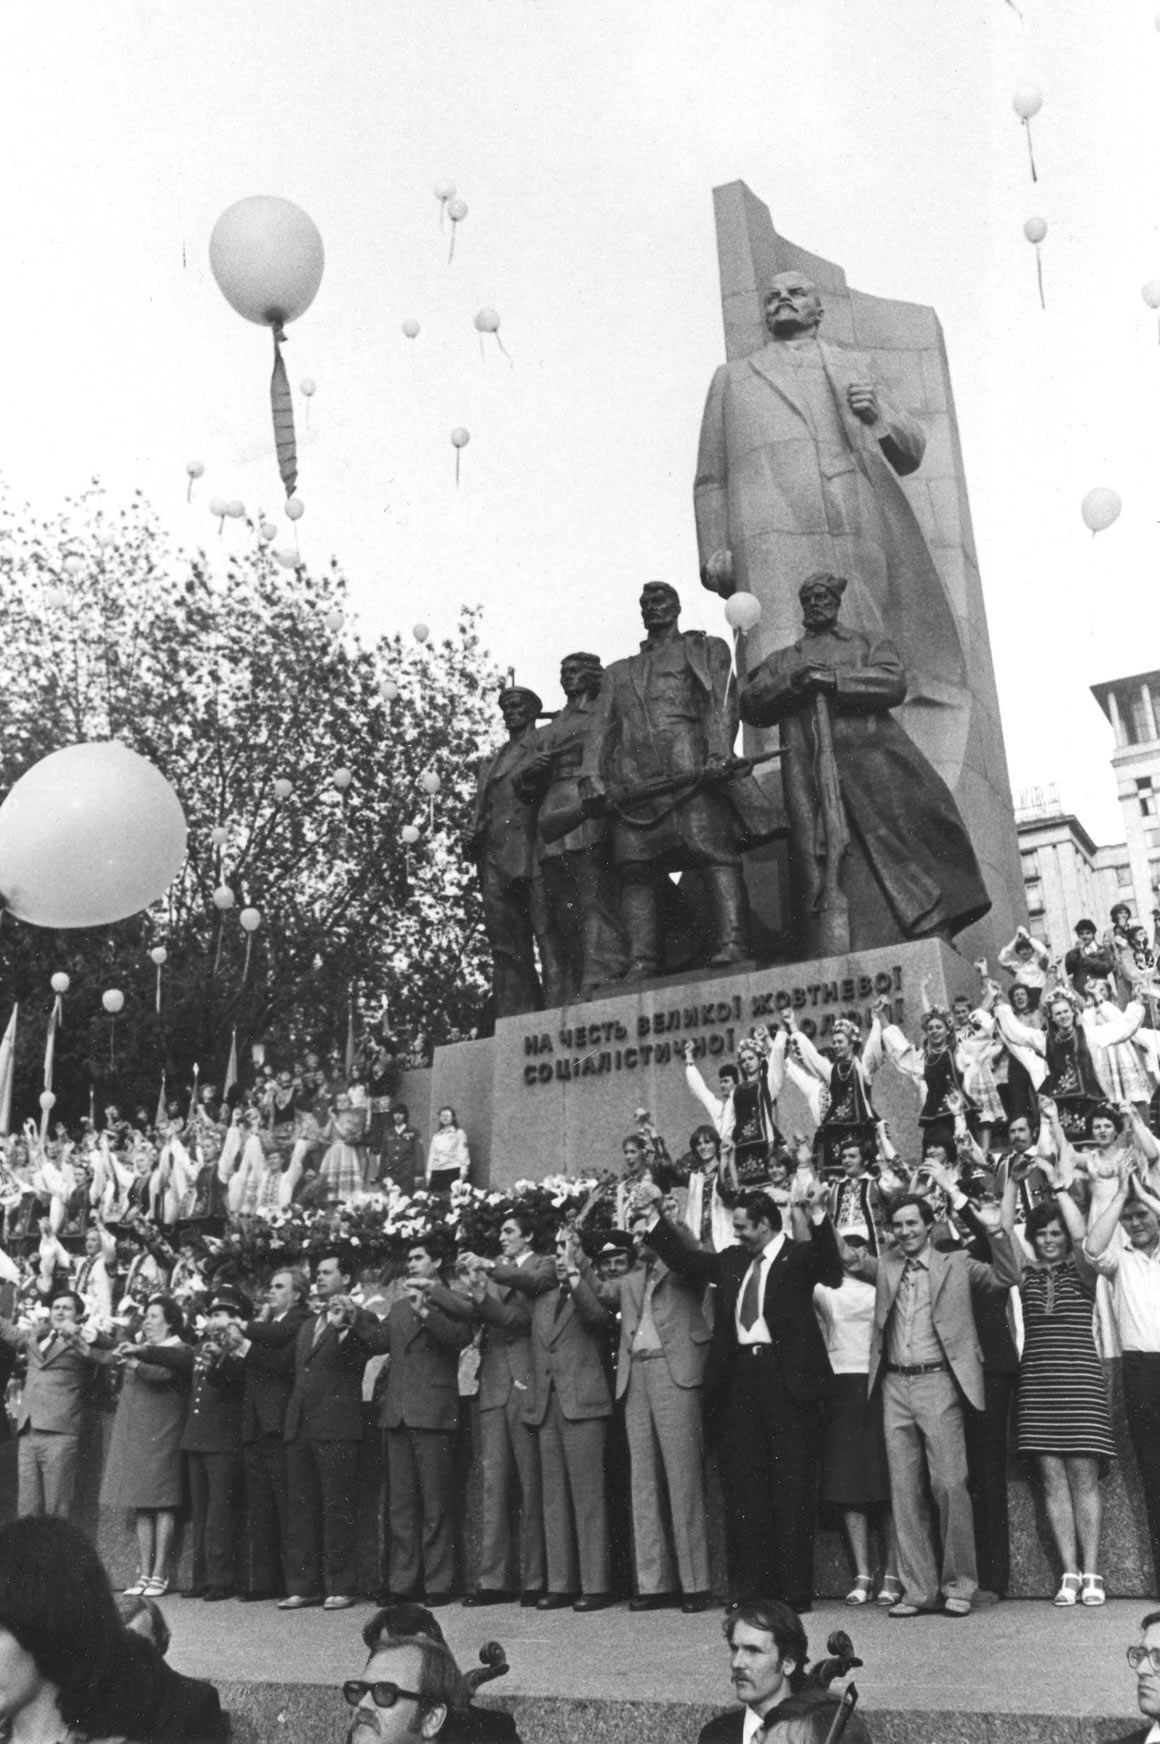 1978 год, Киев. Открытие фестиваля «Молодые голоса» наОктябрьской площади, которая теперь называется майдан Незалежности. Этот снимок был сделан для газеты «Культура і життя»